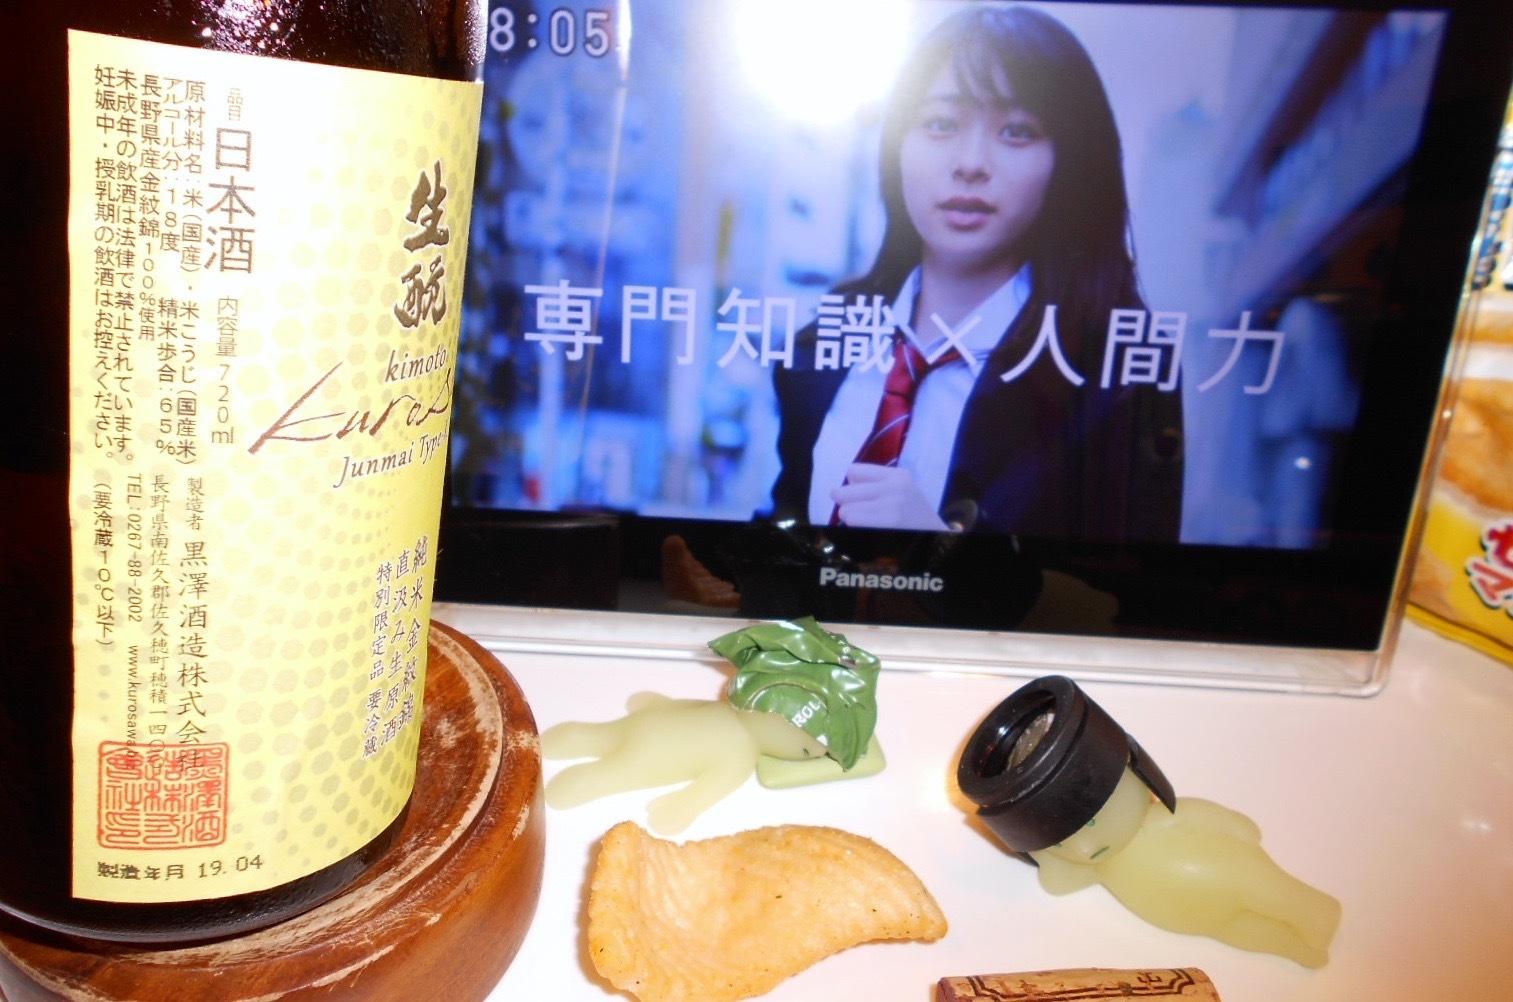 kurosawa_type-k30by3_2.jpg